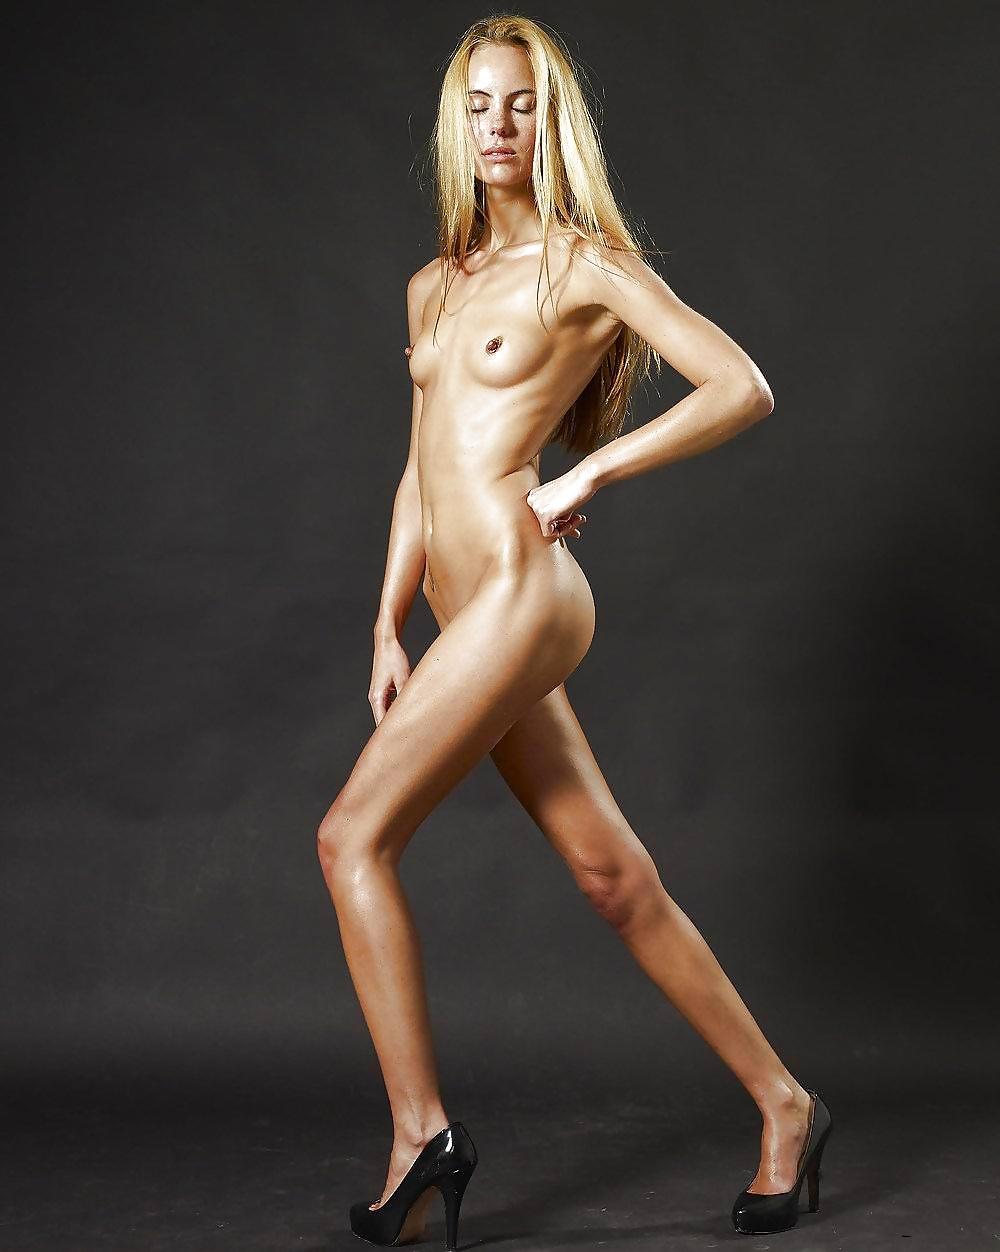 Skinny naked diva pics — img 6